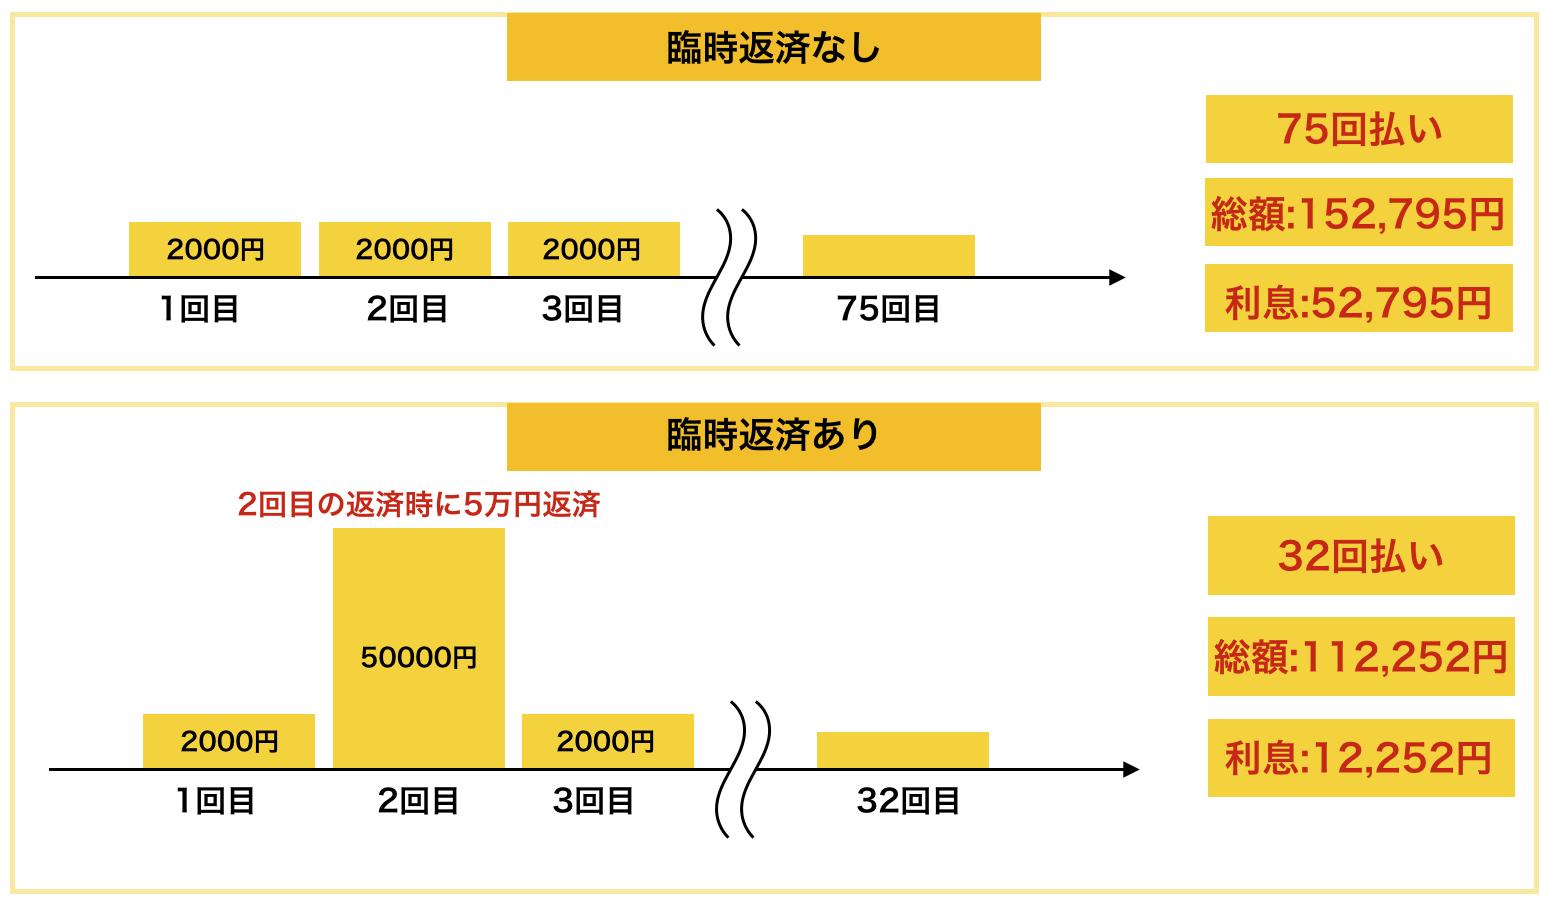 10万円を14.5%で借りて最低返済額2000円で返済する例